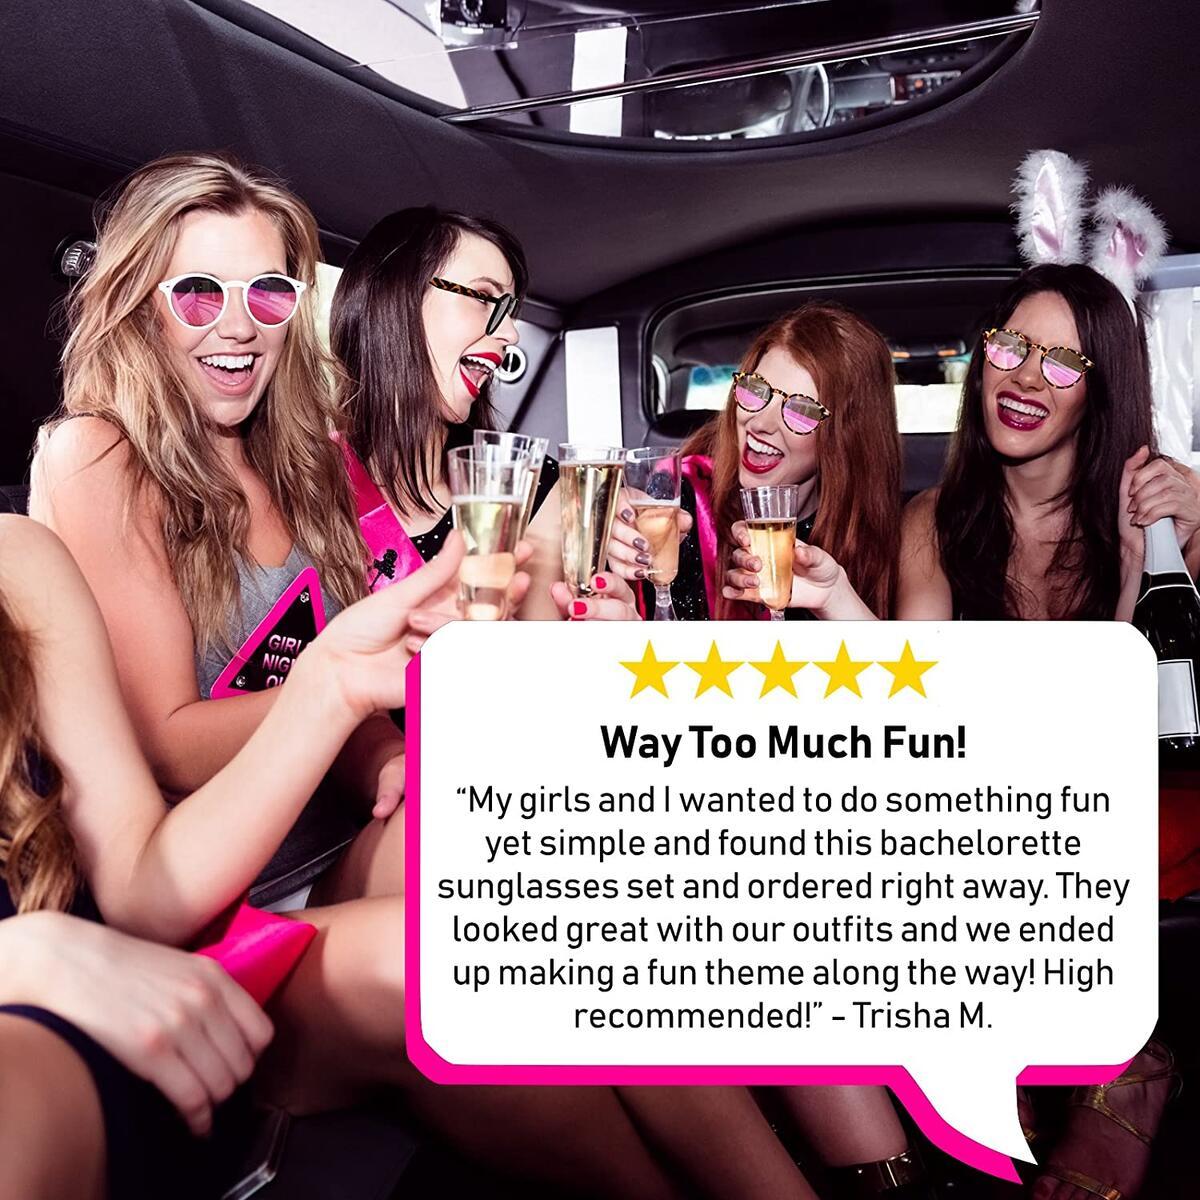 Bachelorette Party Sunglasses for Bride Tribe - 7 Bridal Party Pink Lens Glasses, Bridesmaids Favors, Instagram Bachelorette Party Decorations (Single Pair)